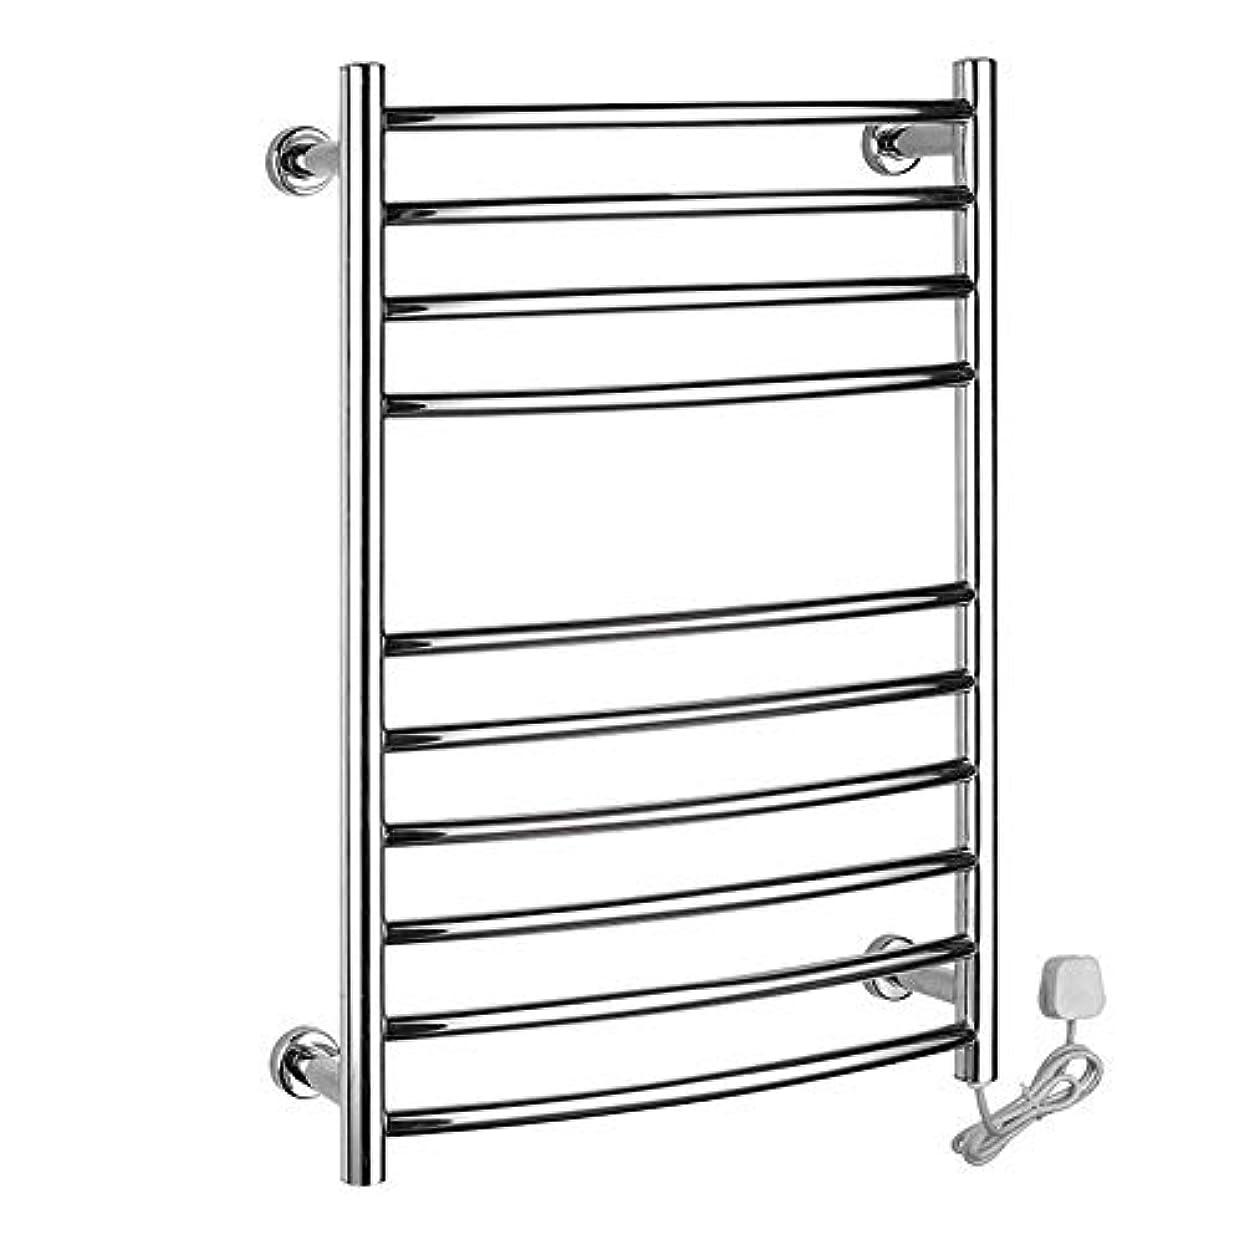 素人本体常識304ステンレス鋼の電気タオル掛け、浴室の乾燥の棚、タオル掛けのラジエーター、壁に取り付けられた暖房タオル掛け750X520X125mm